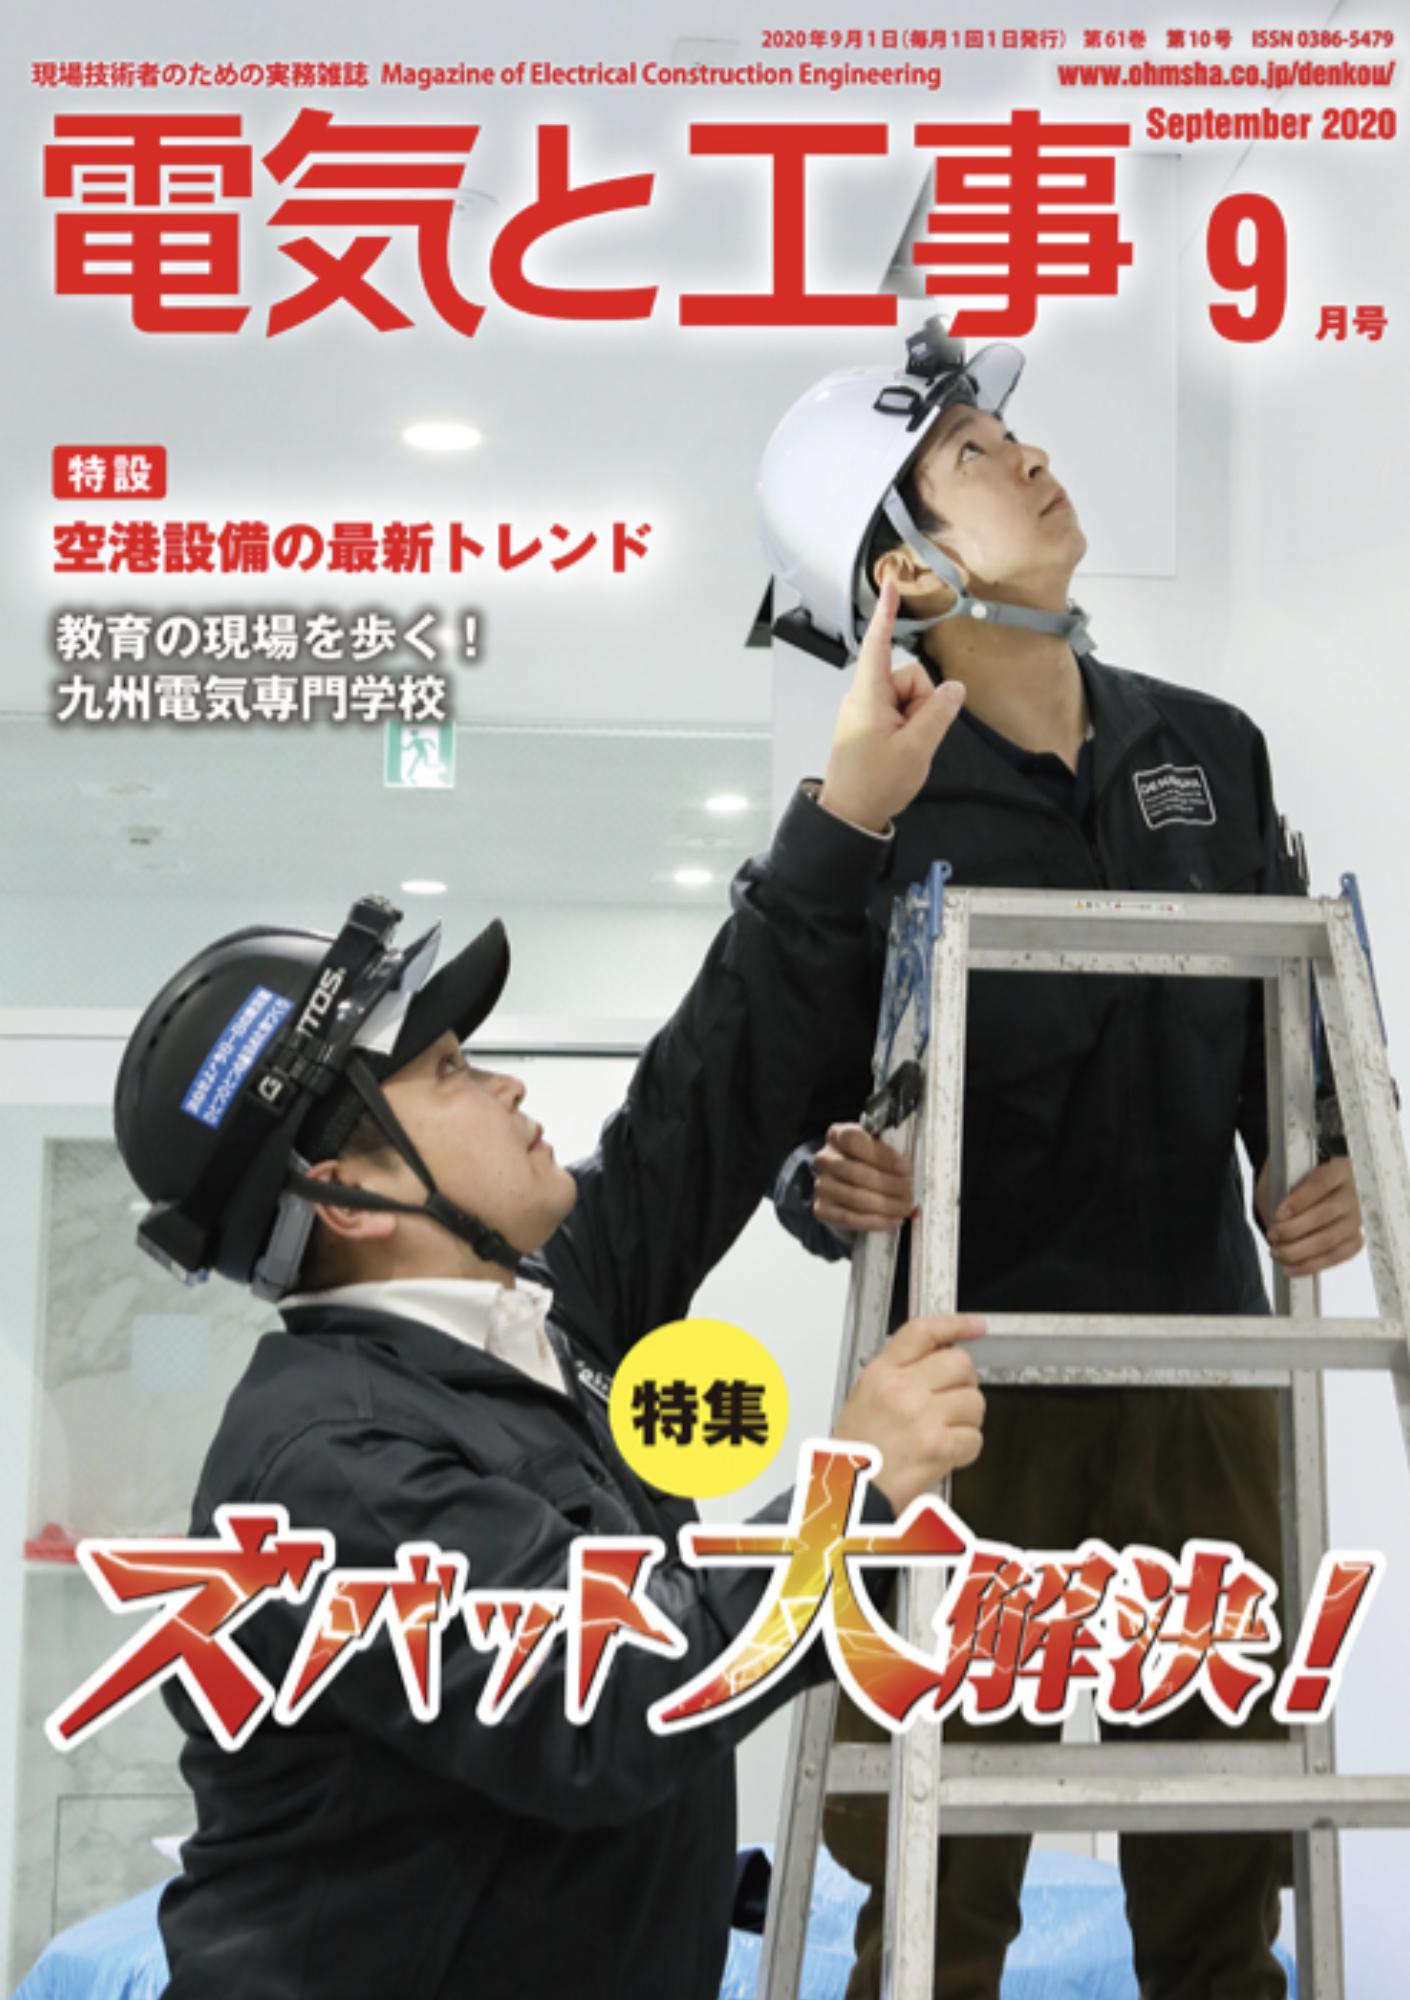 【新刊トピックス 2020年8月】電気と工事 2020年9月号 (第61巻第10号通巻804号)の画像